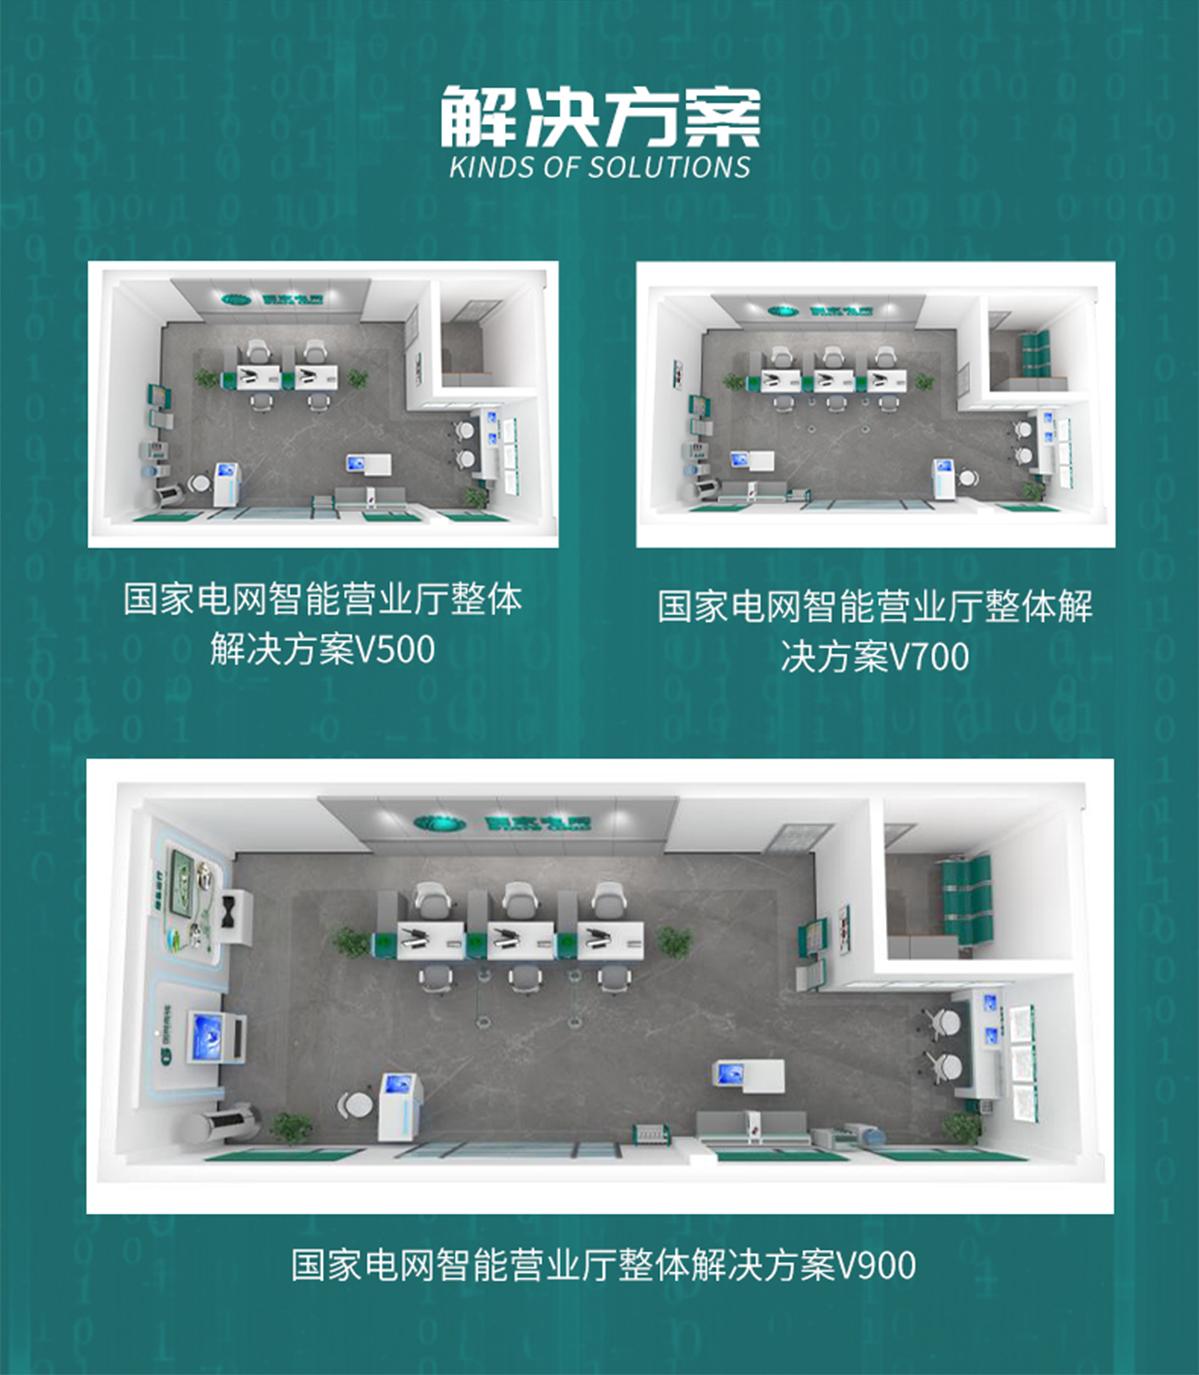 国电传播,电力智慧营业厅,三型一化供电营业厅,全能型供电所,智能营业厅